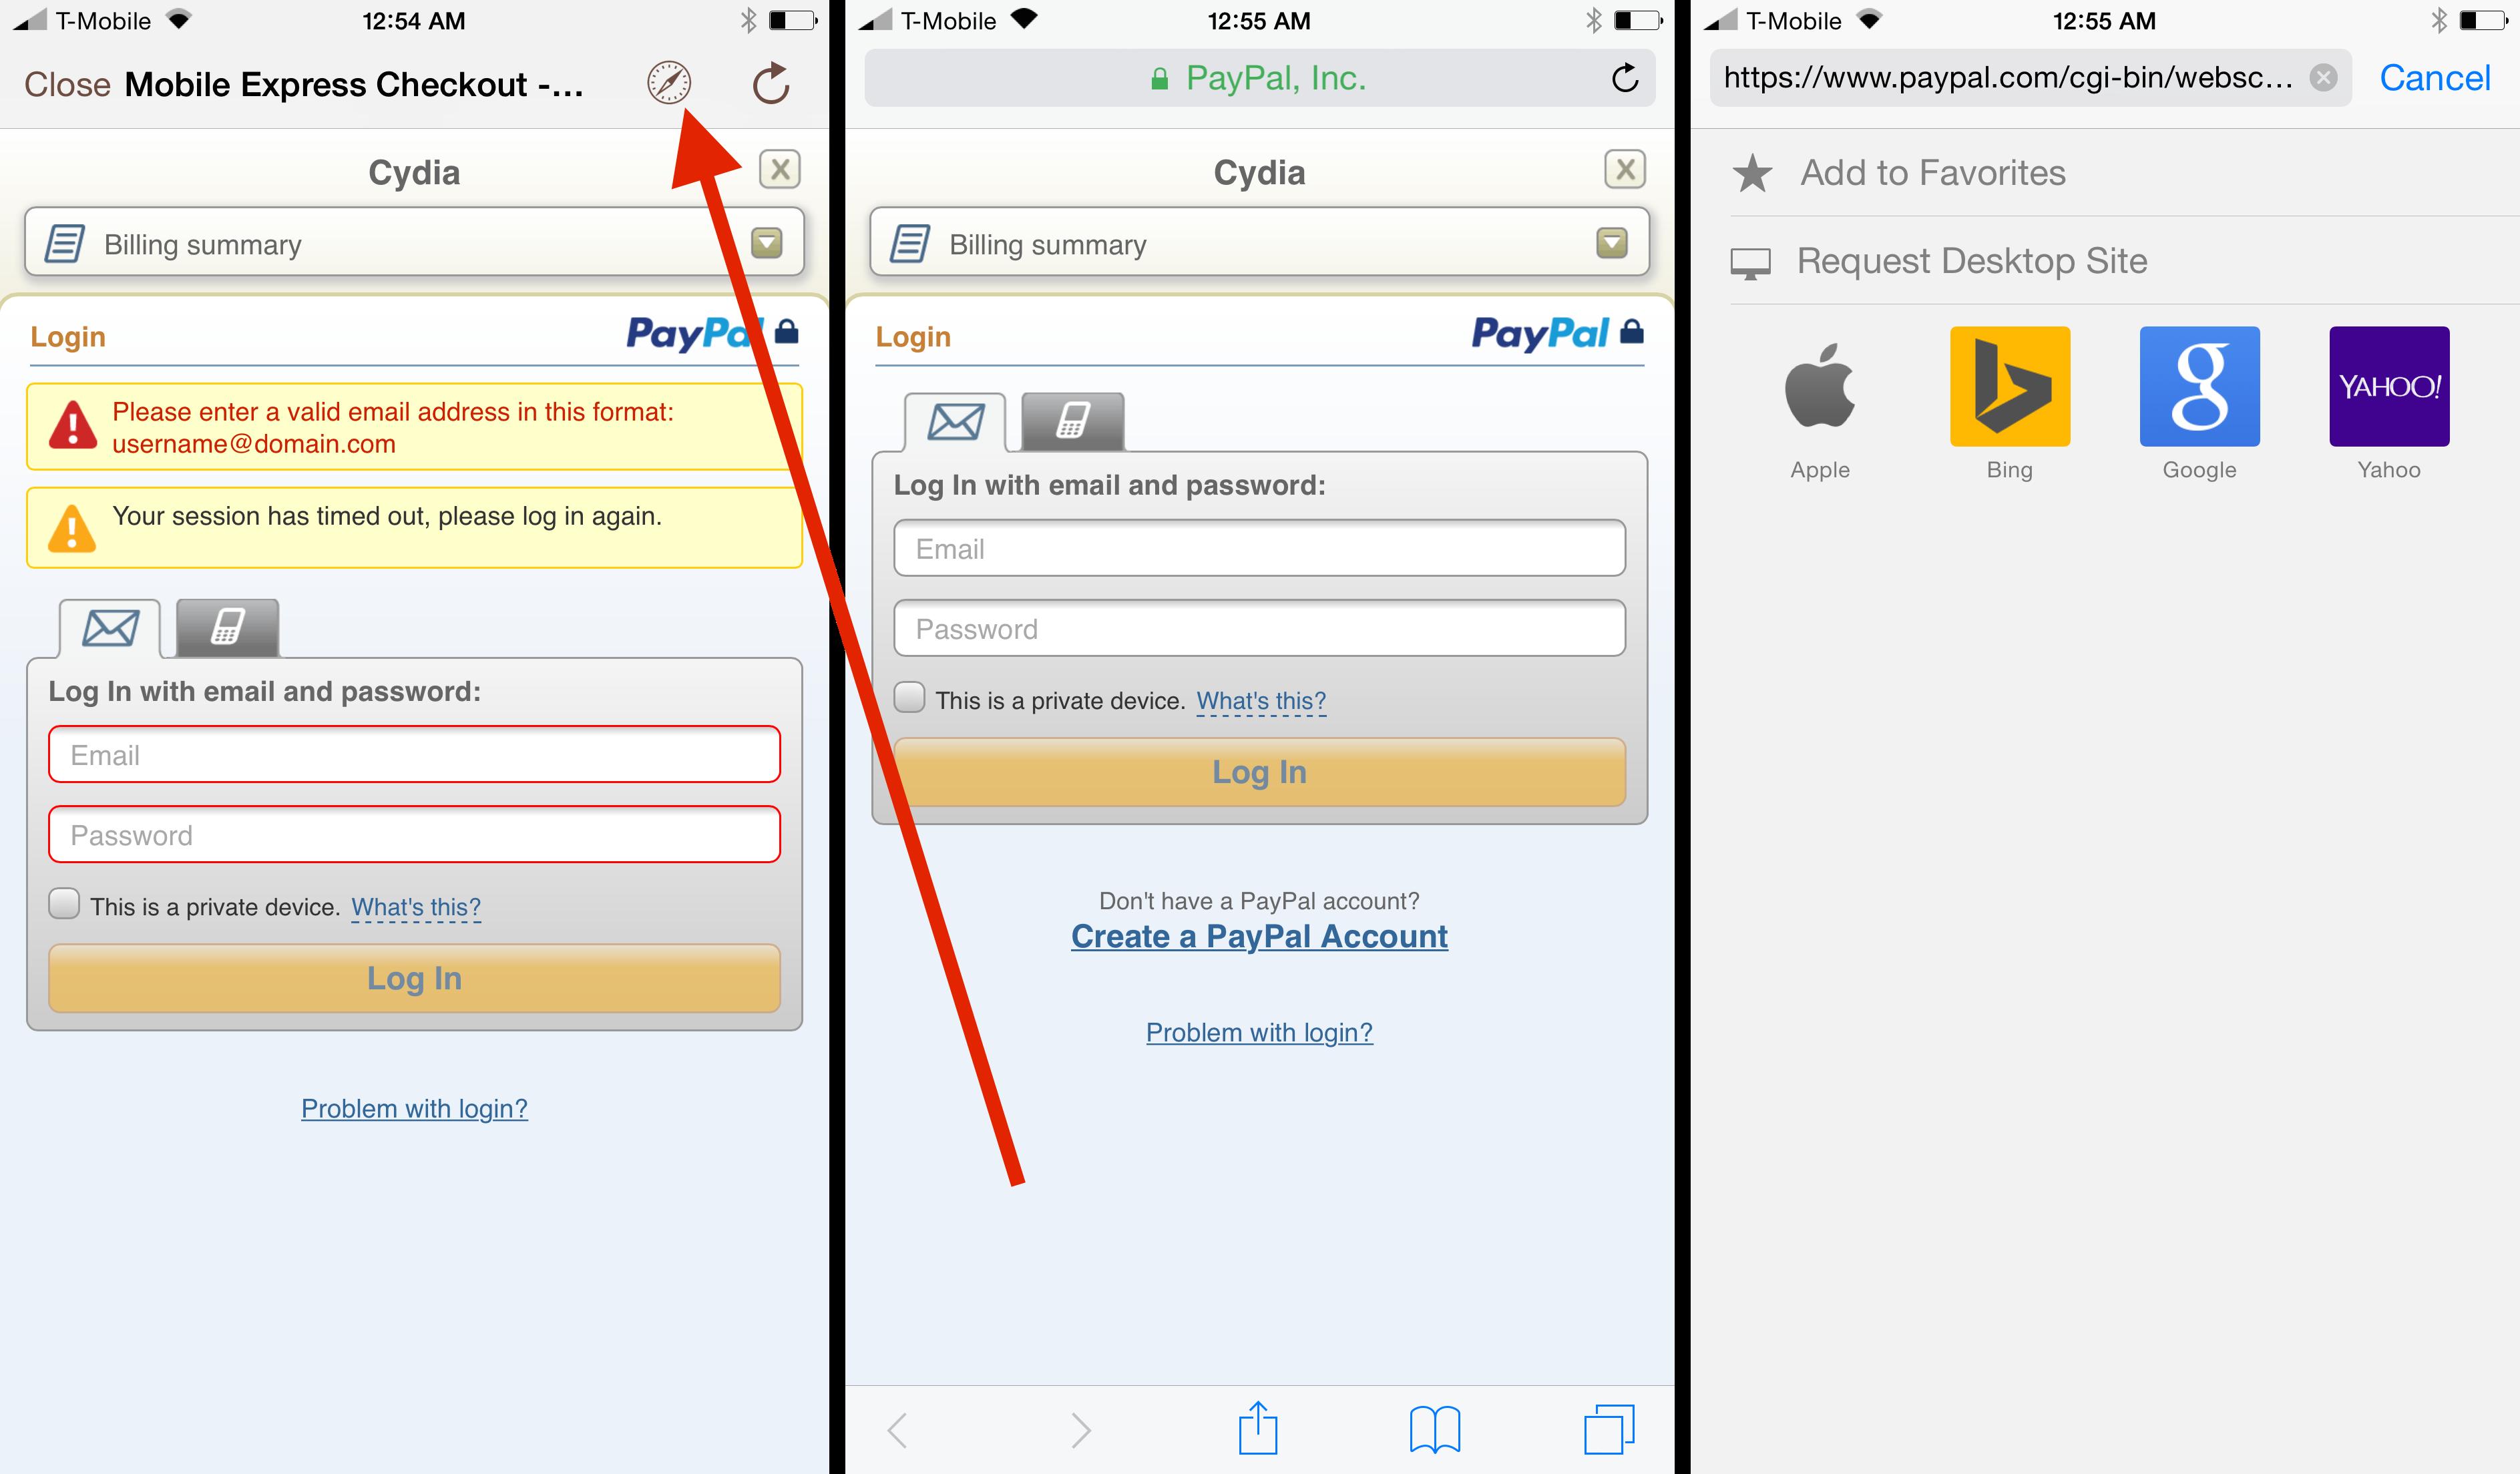 PayPal Cydia 2FA